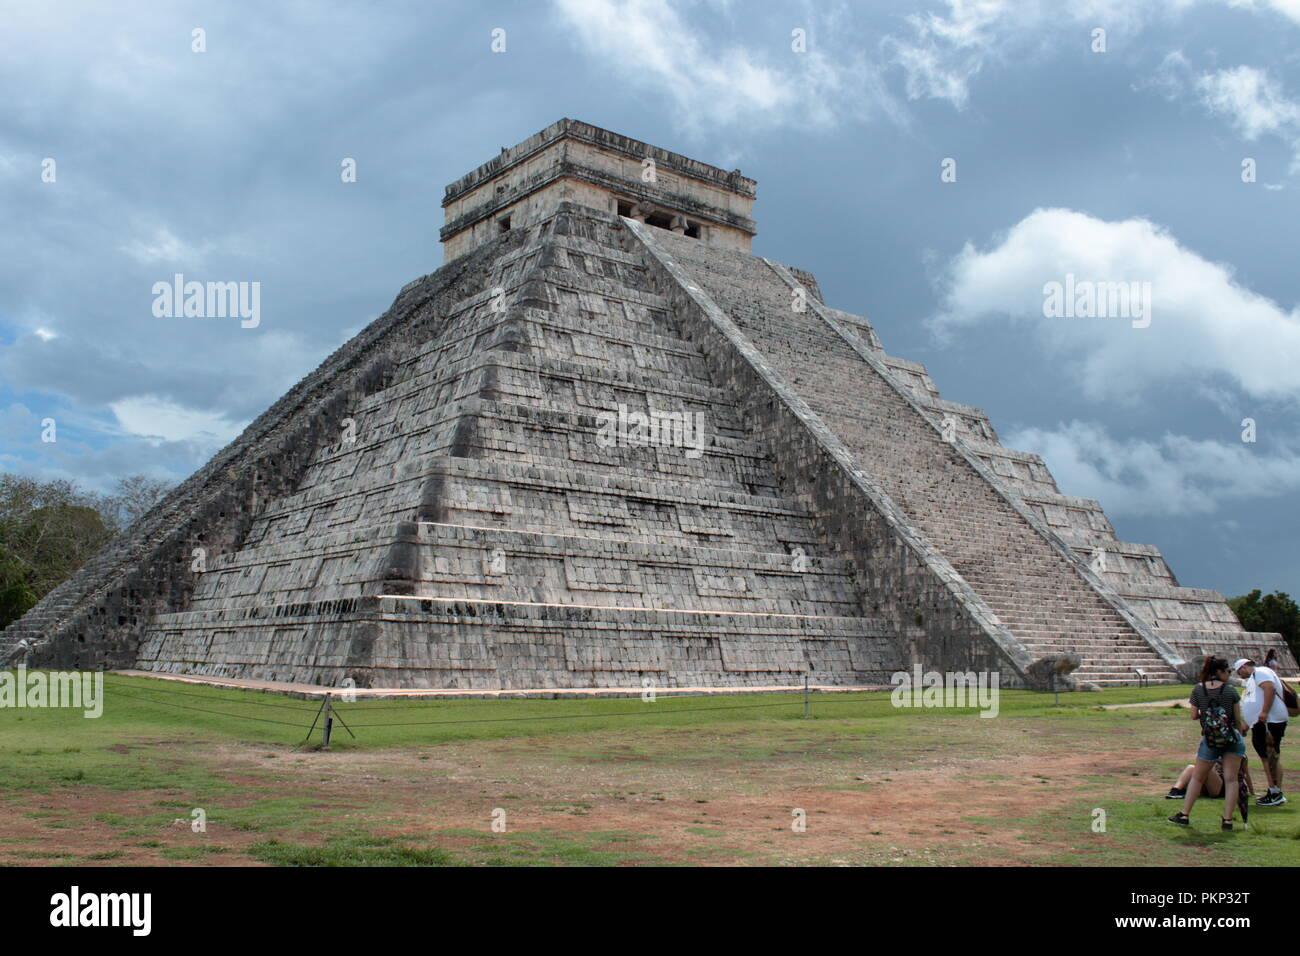 Chichén Itzá sito archeologico con le sue splendide strutture Immagini Stock